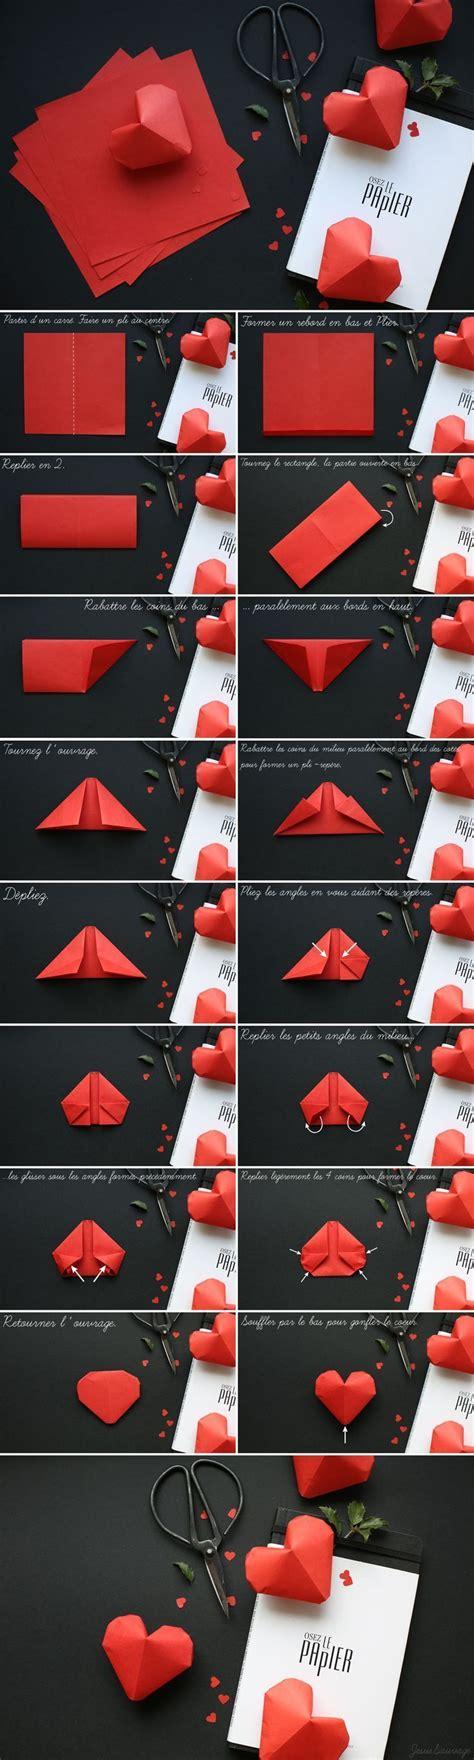 paper crafts for boyfriend best 25 day crafts ideas on diy